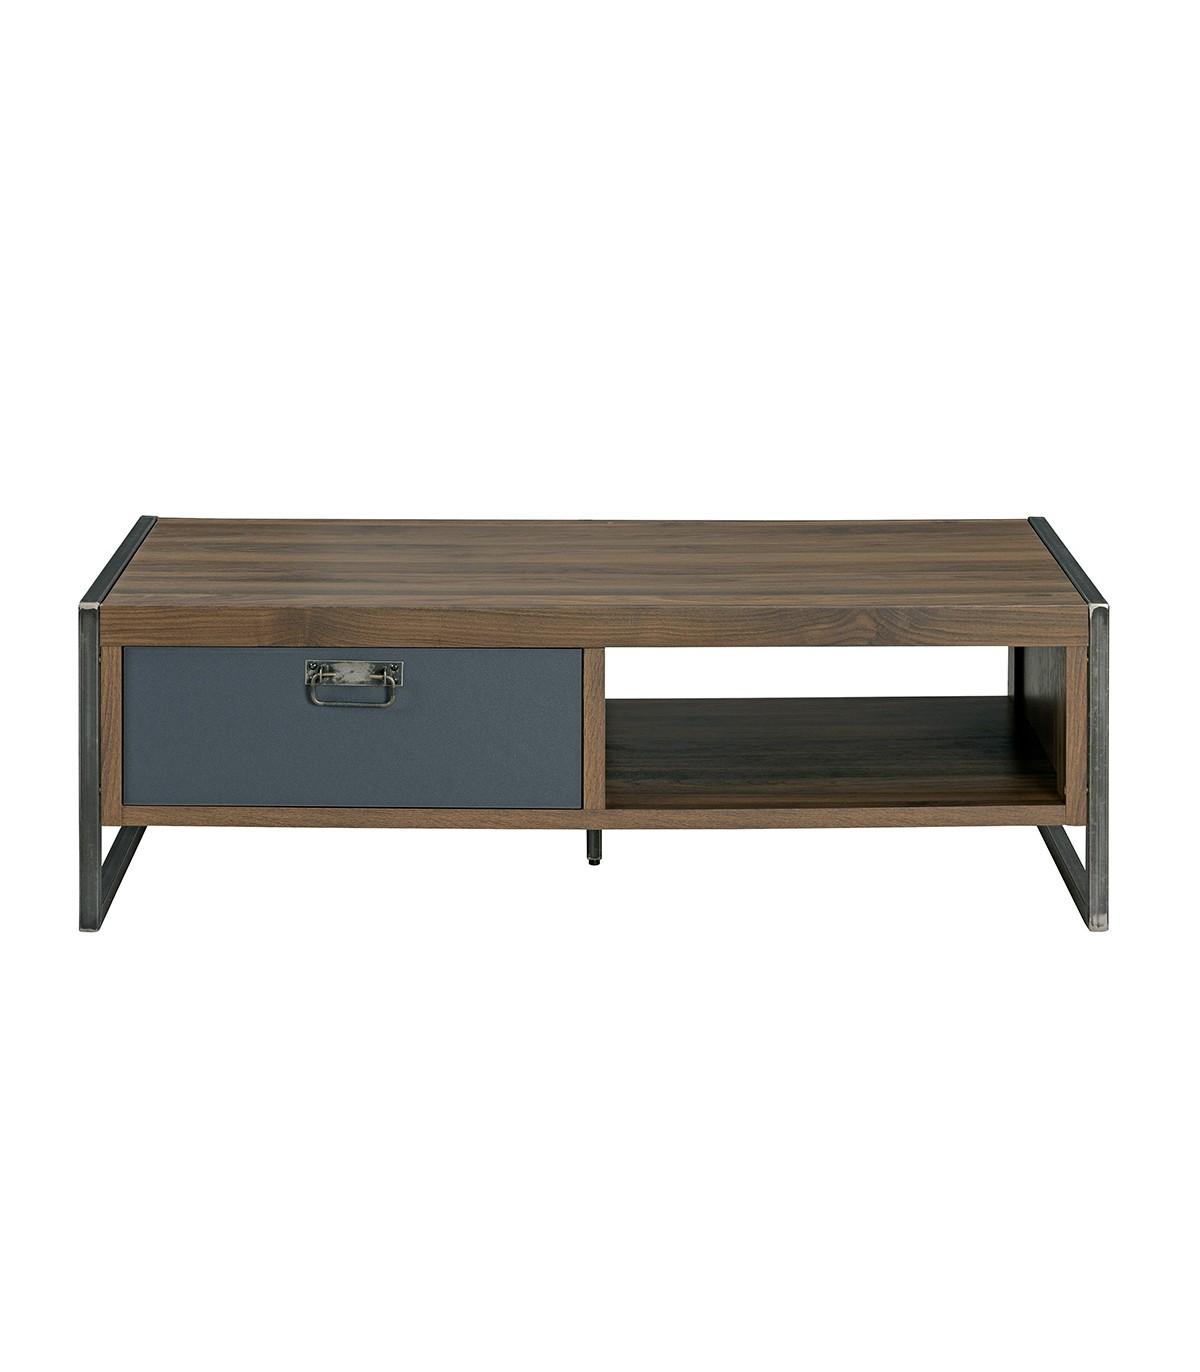 Table basse avec poignée et pieds métallique H40.5cm - Marron